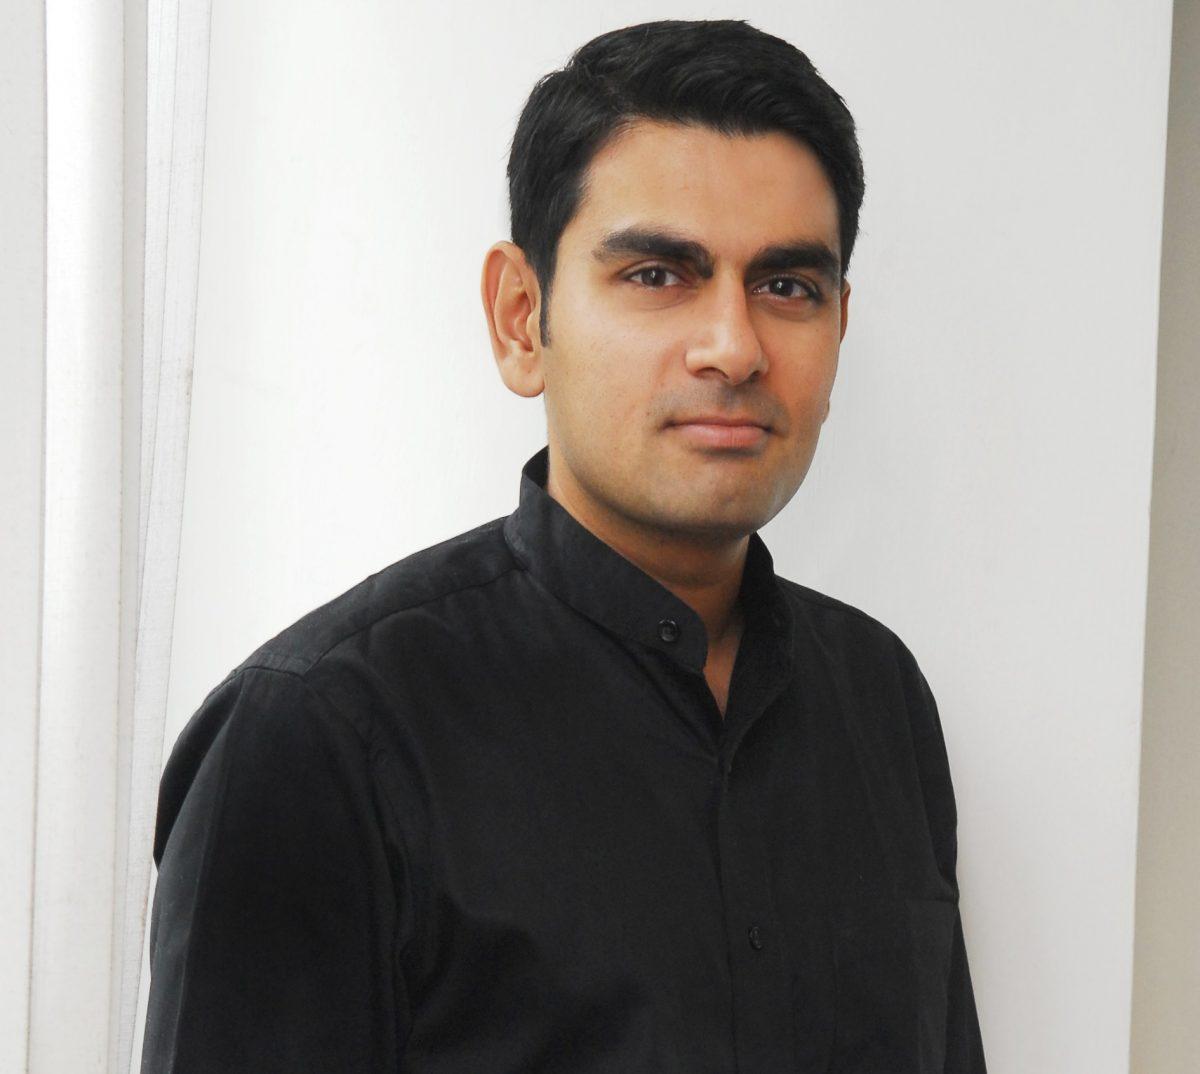 SIddharth Vinayak Patankar